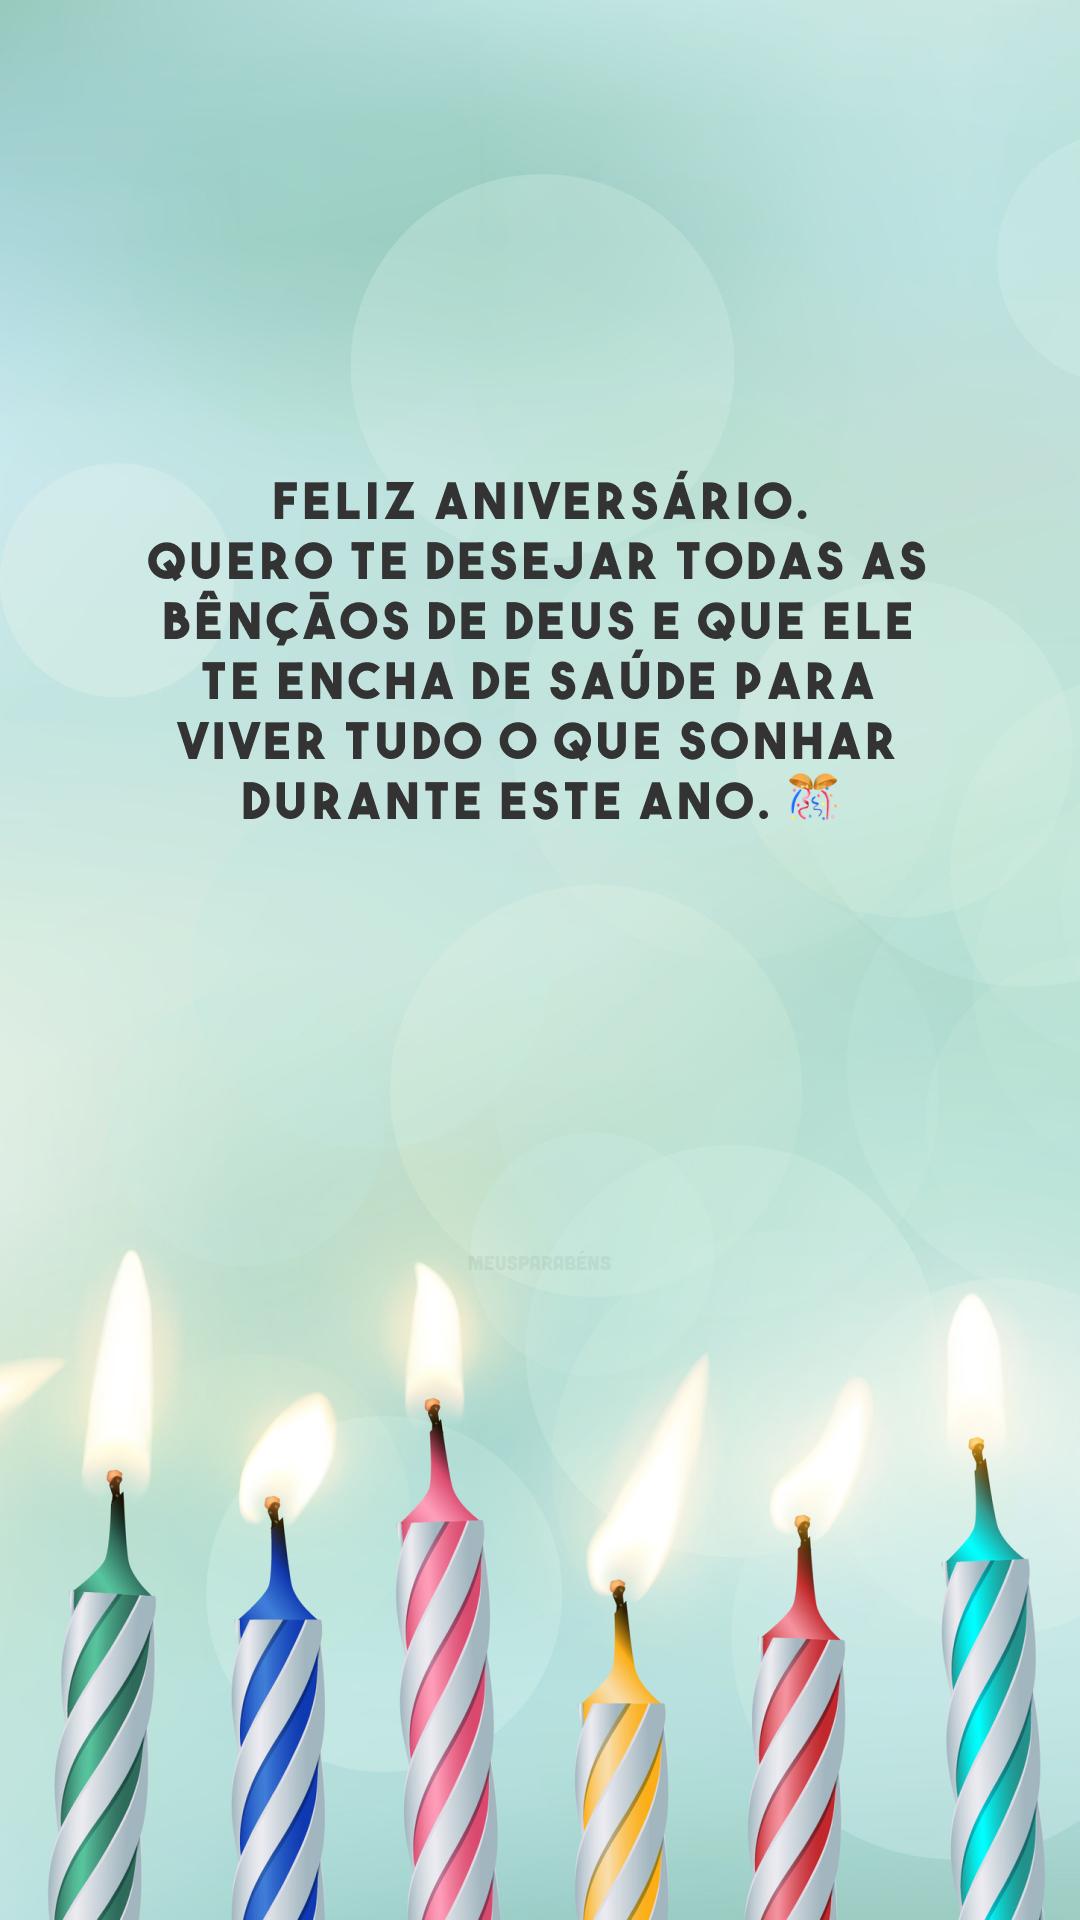 Feliz aniversário. Quero te desejar todas as bênçãos de Deus e que Ele te encha de saúde para viver tudo o que sonhar durante este ano. 🎊